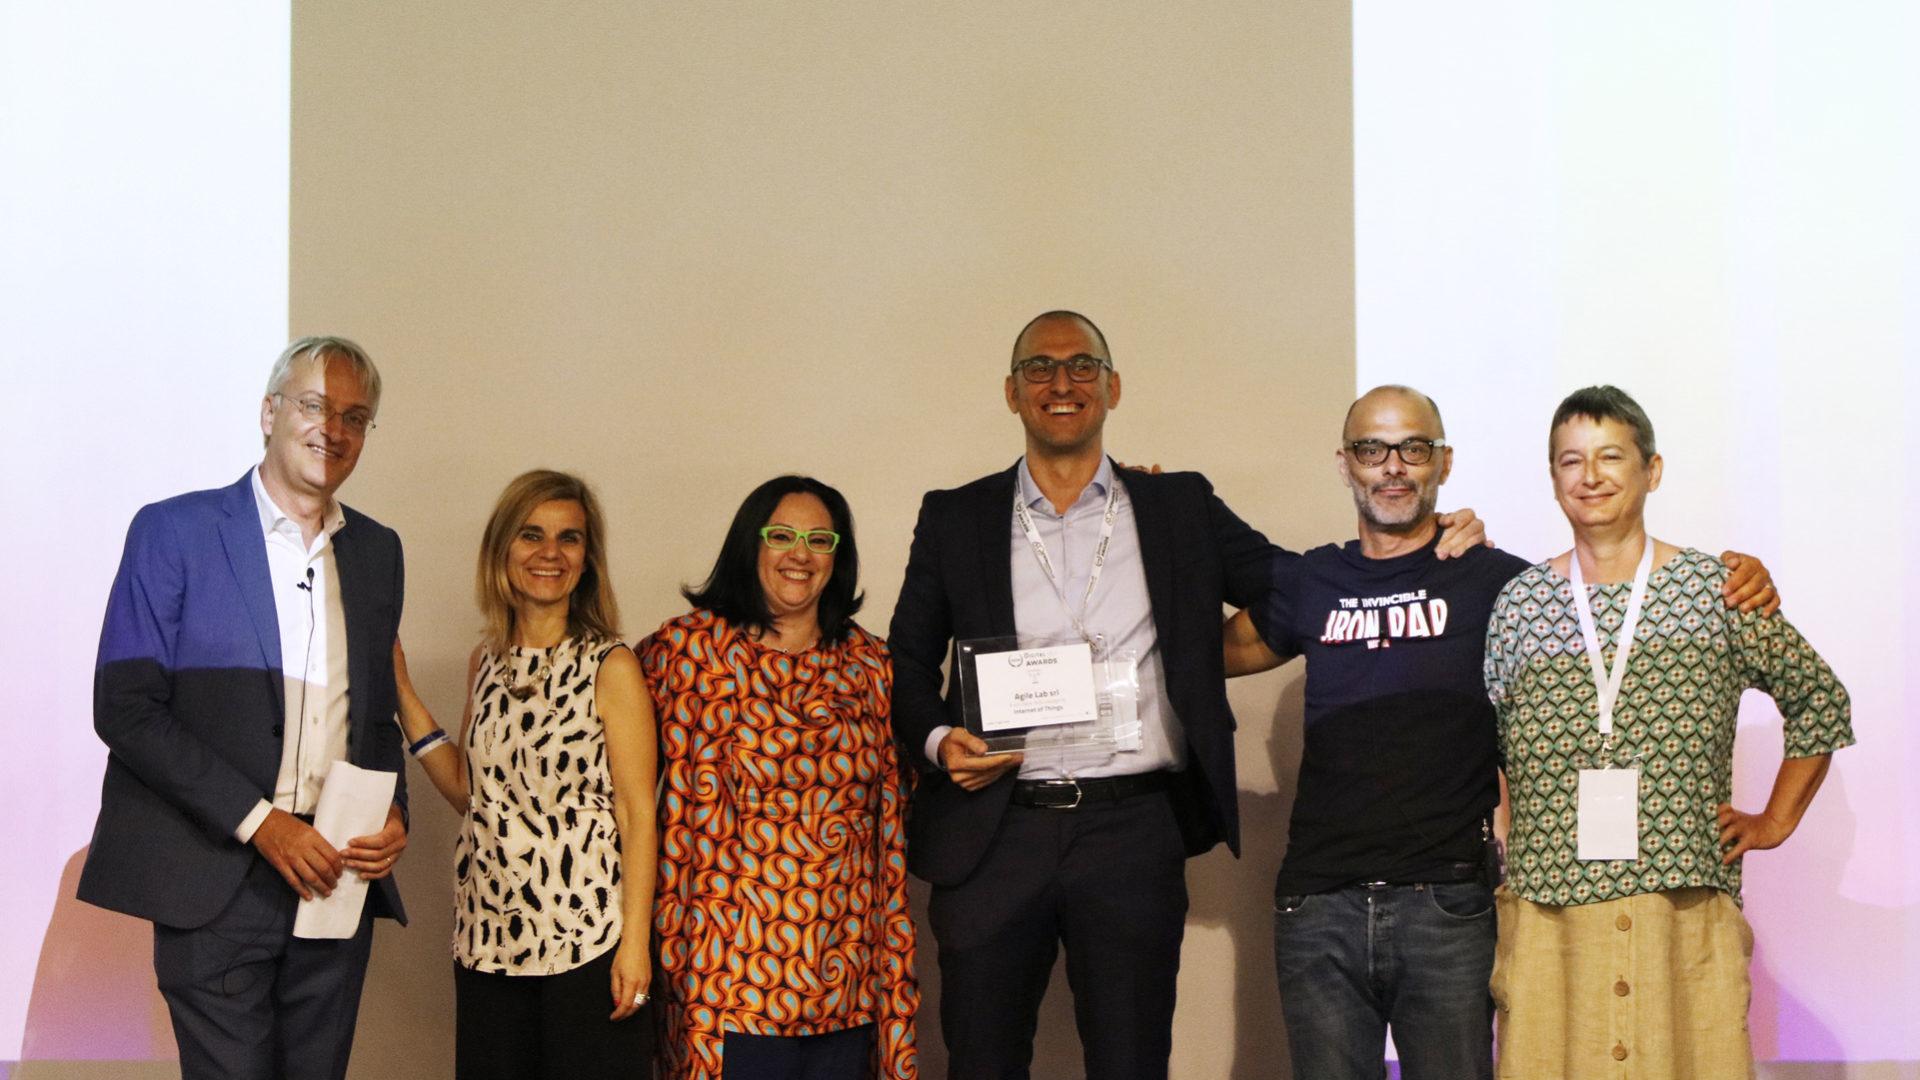 AgileLab_IoT premiazione digital360 awards